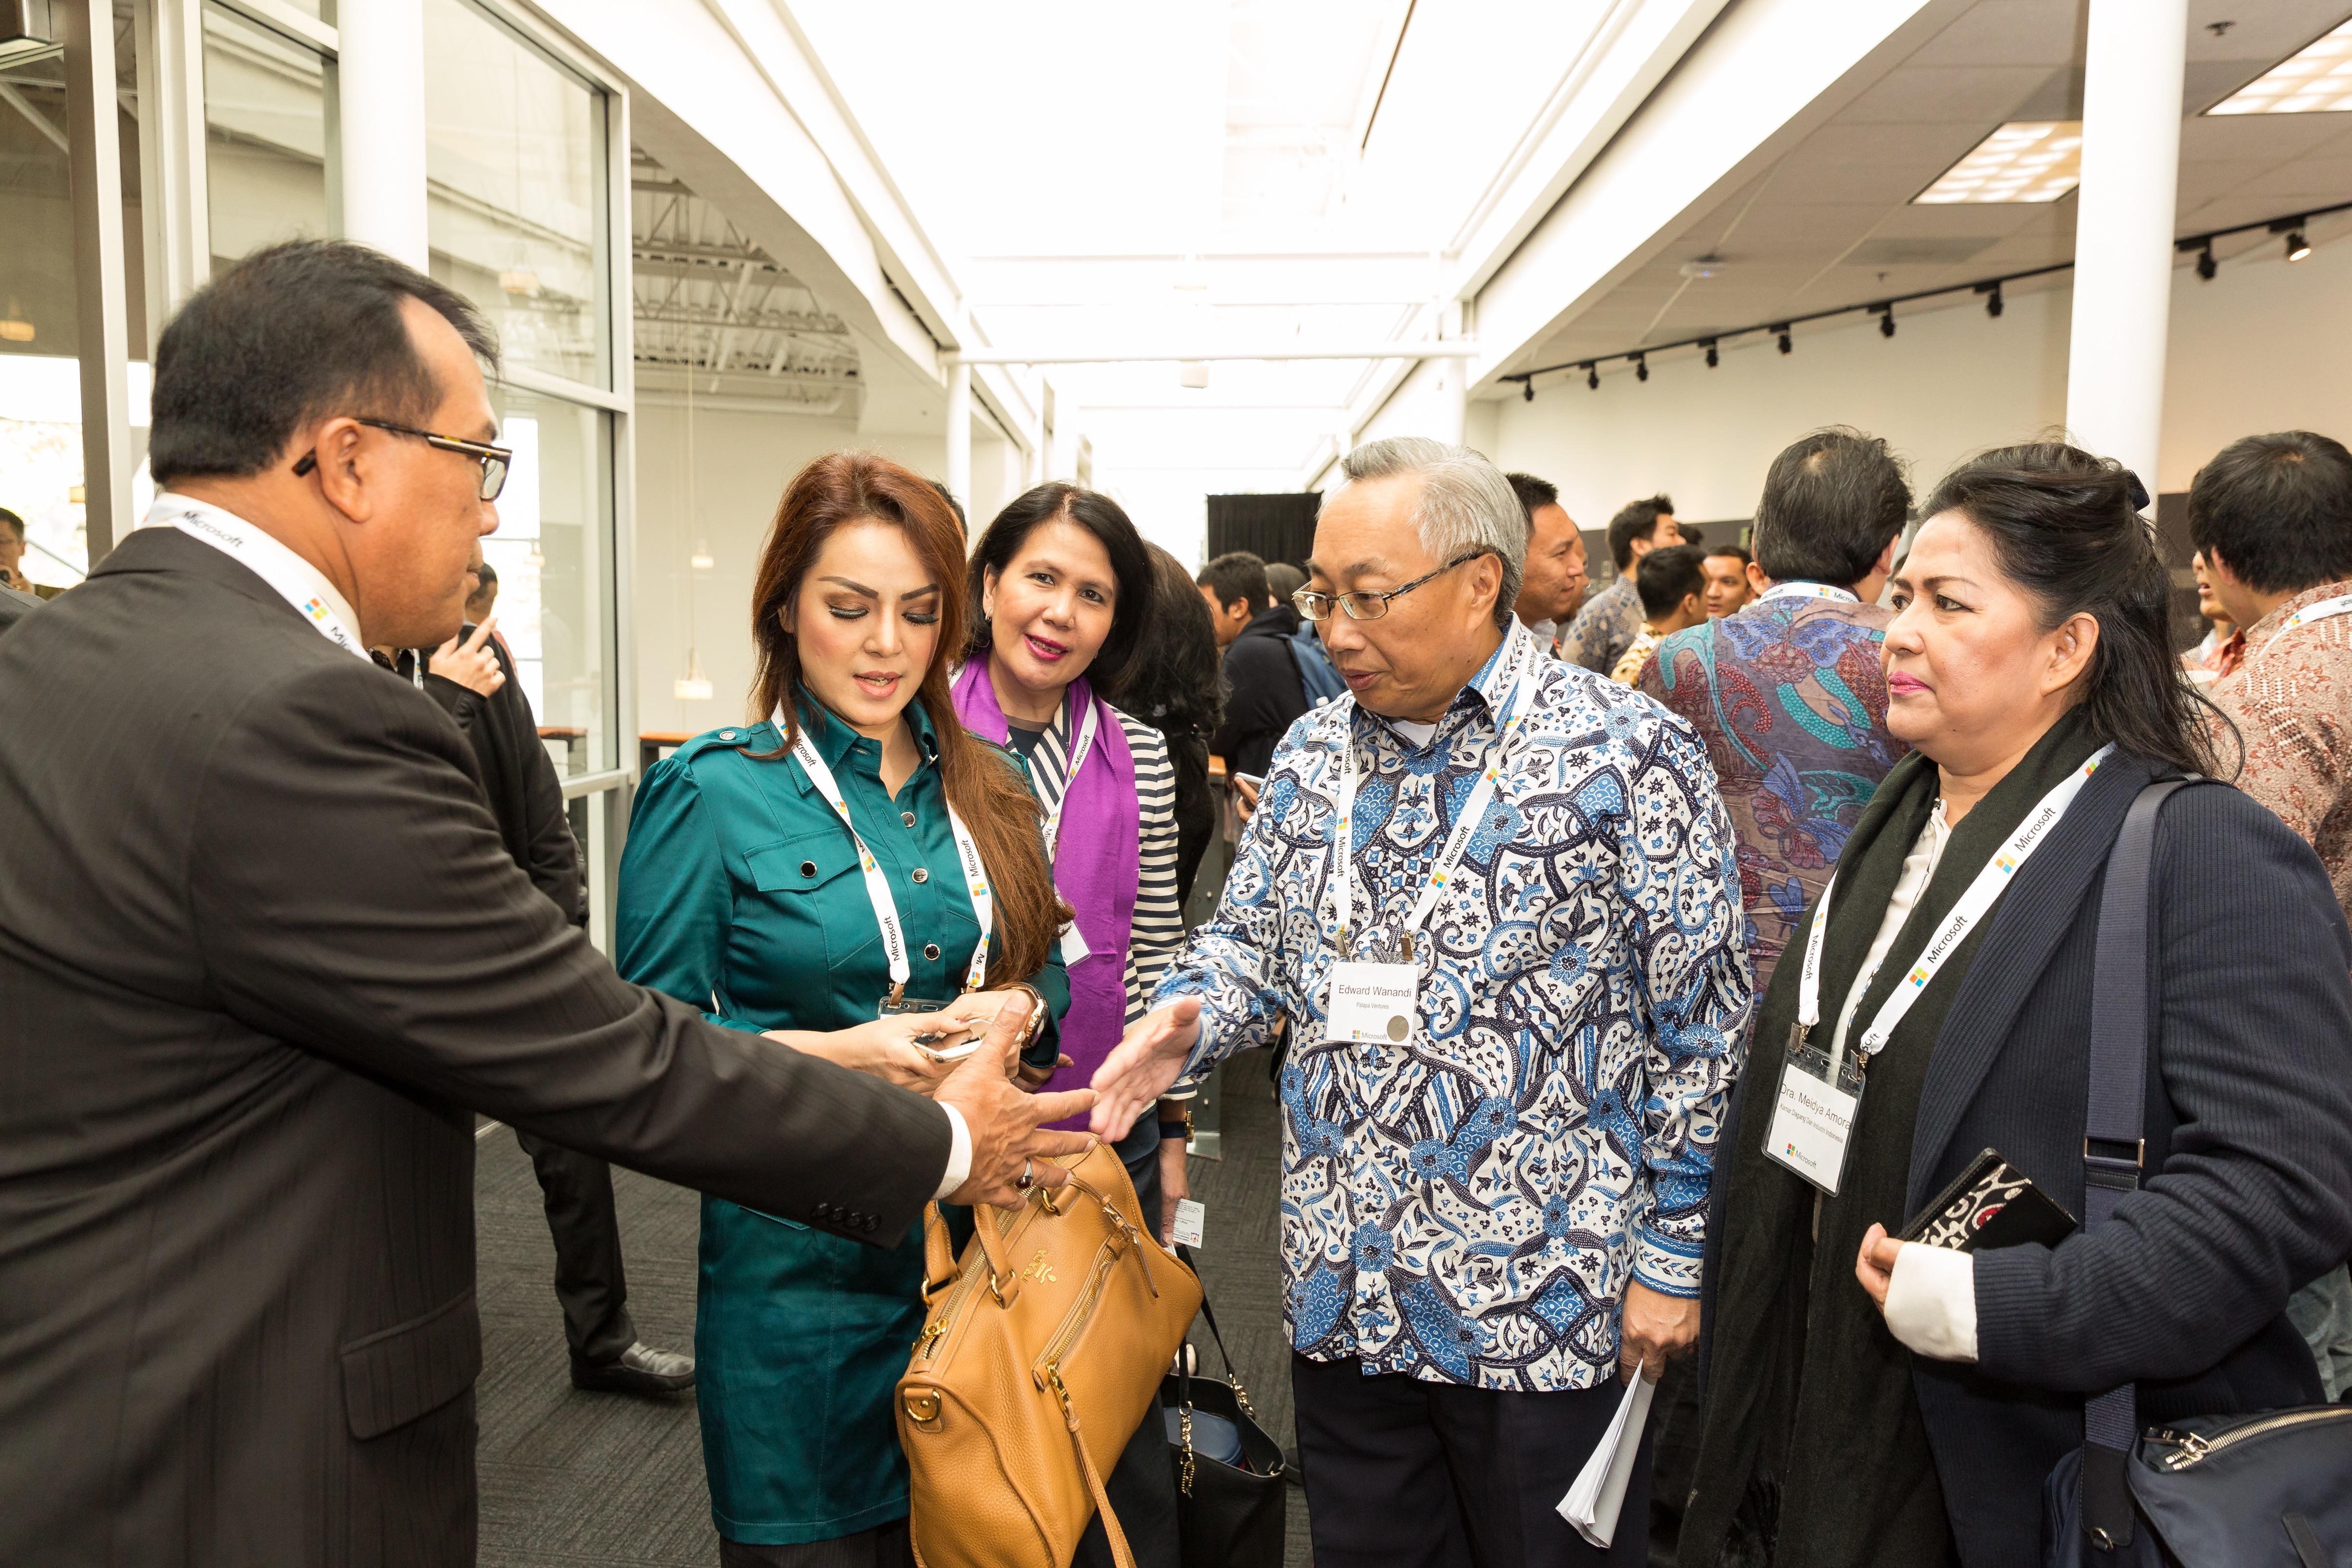 Indo delegation visit to SV - 26 of 115